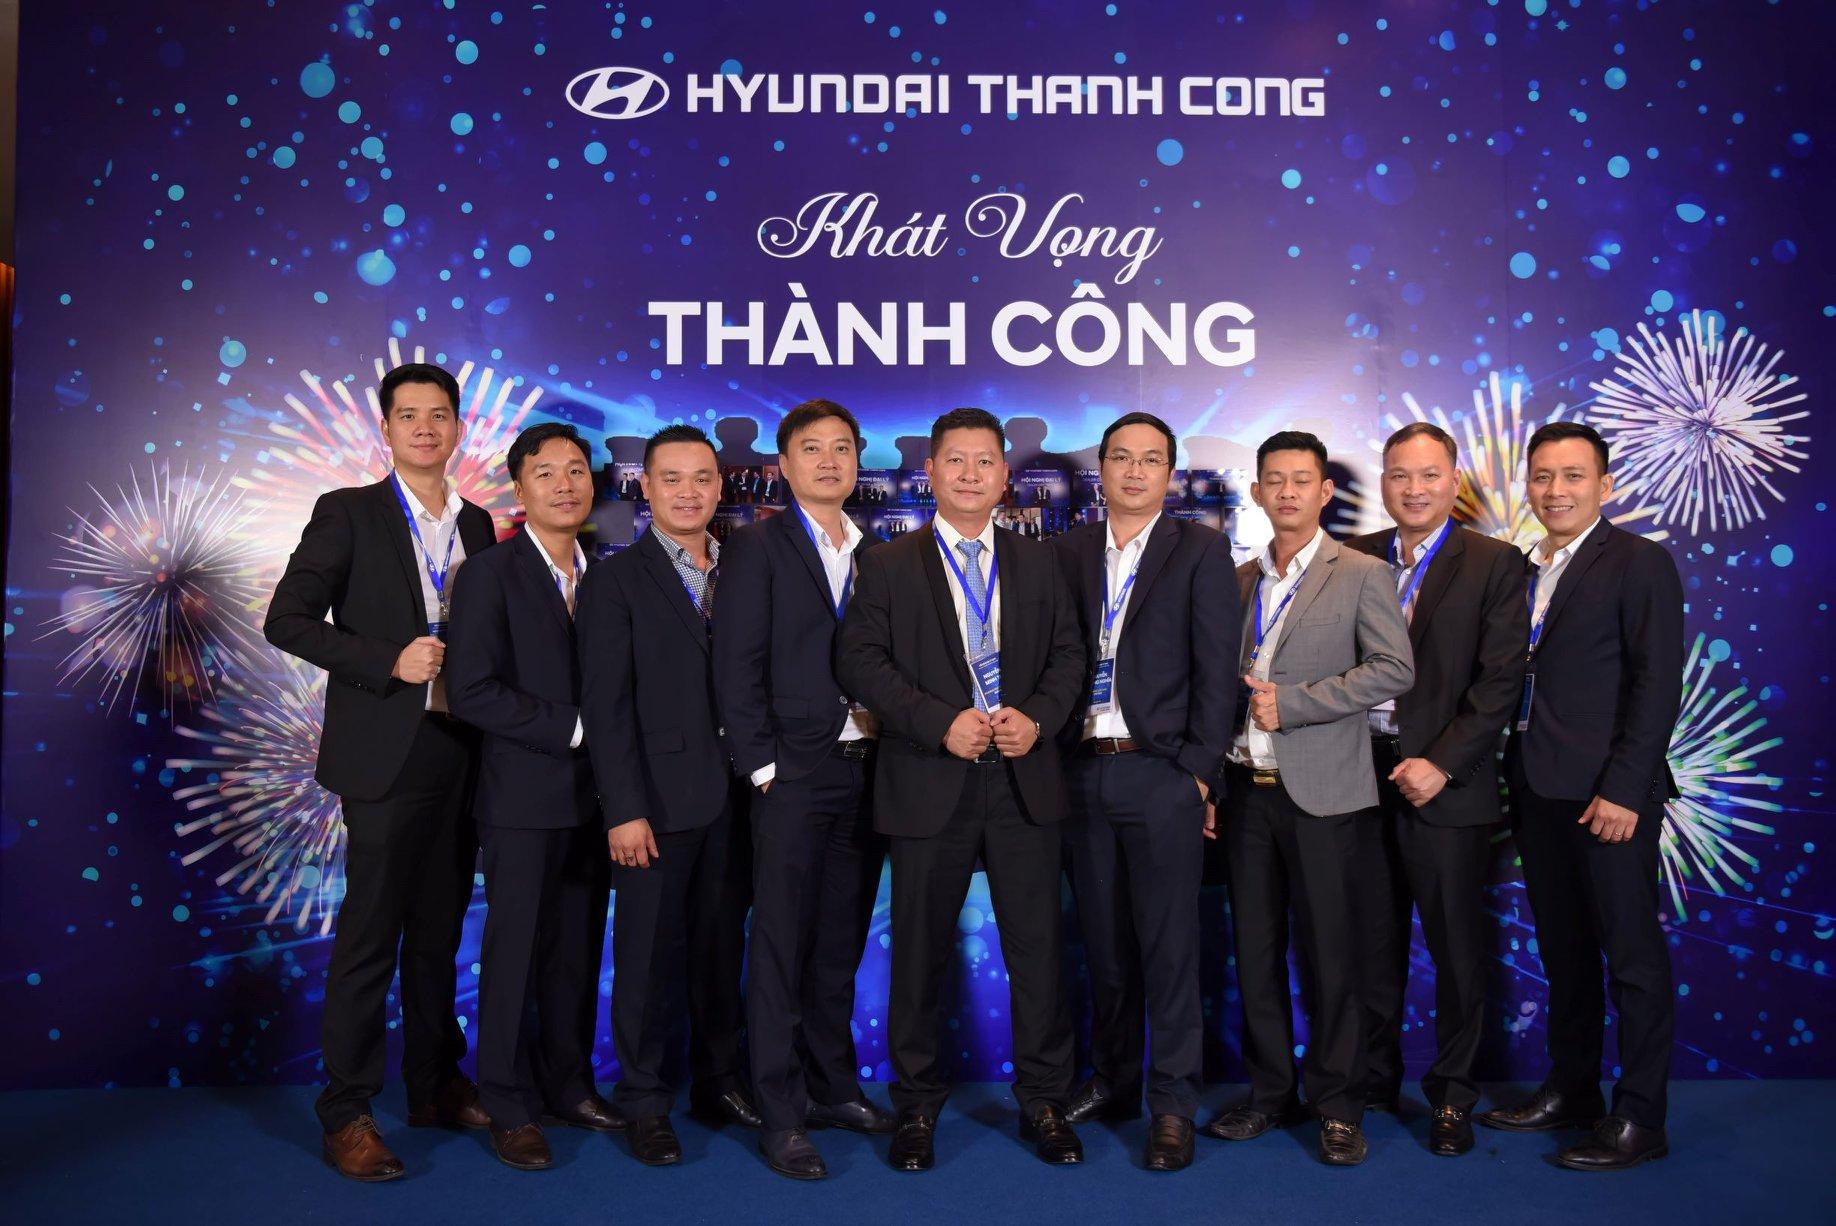 Tổng Giám Đốc cùng Giám Đốc kinh doanh của Hyundai Việt Nhân là khách mời vinh dự tham dự Hội Nghị Đại Lý